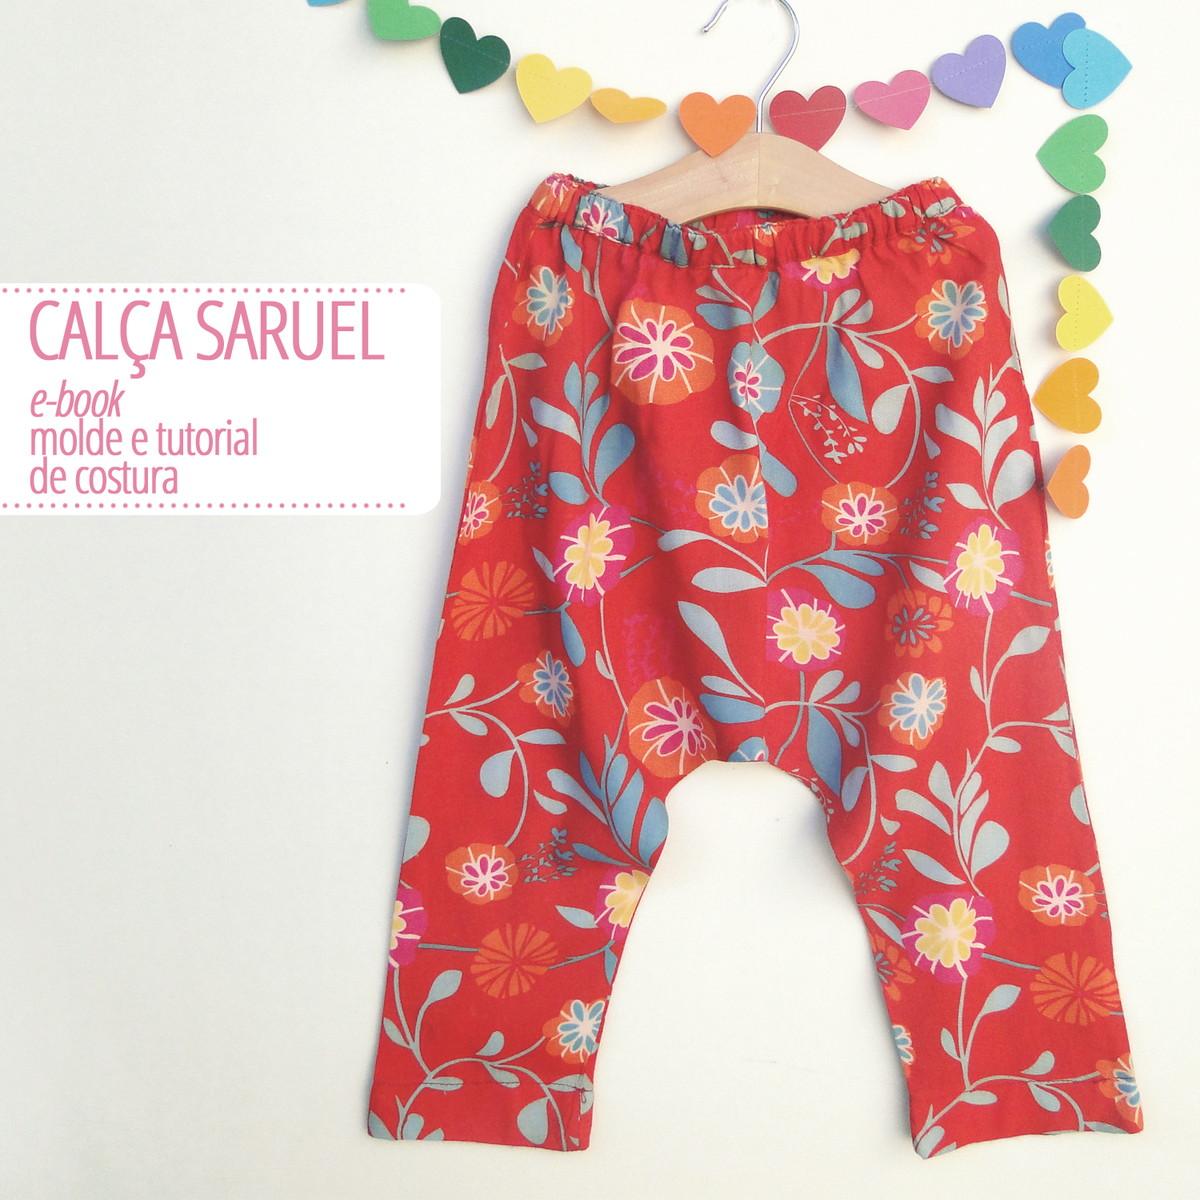 17d8e1baf Calça Saruel inf - PDF DIGITAL molde e tutorial no Elo7